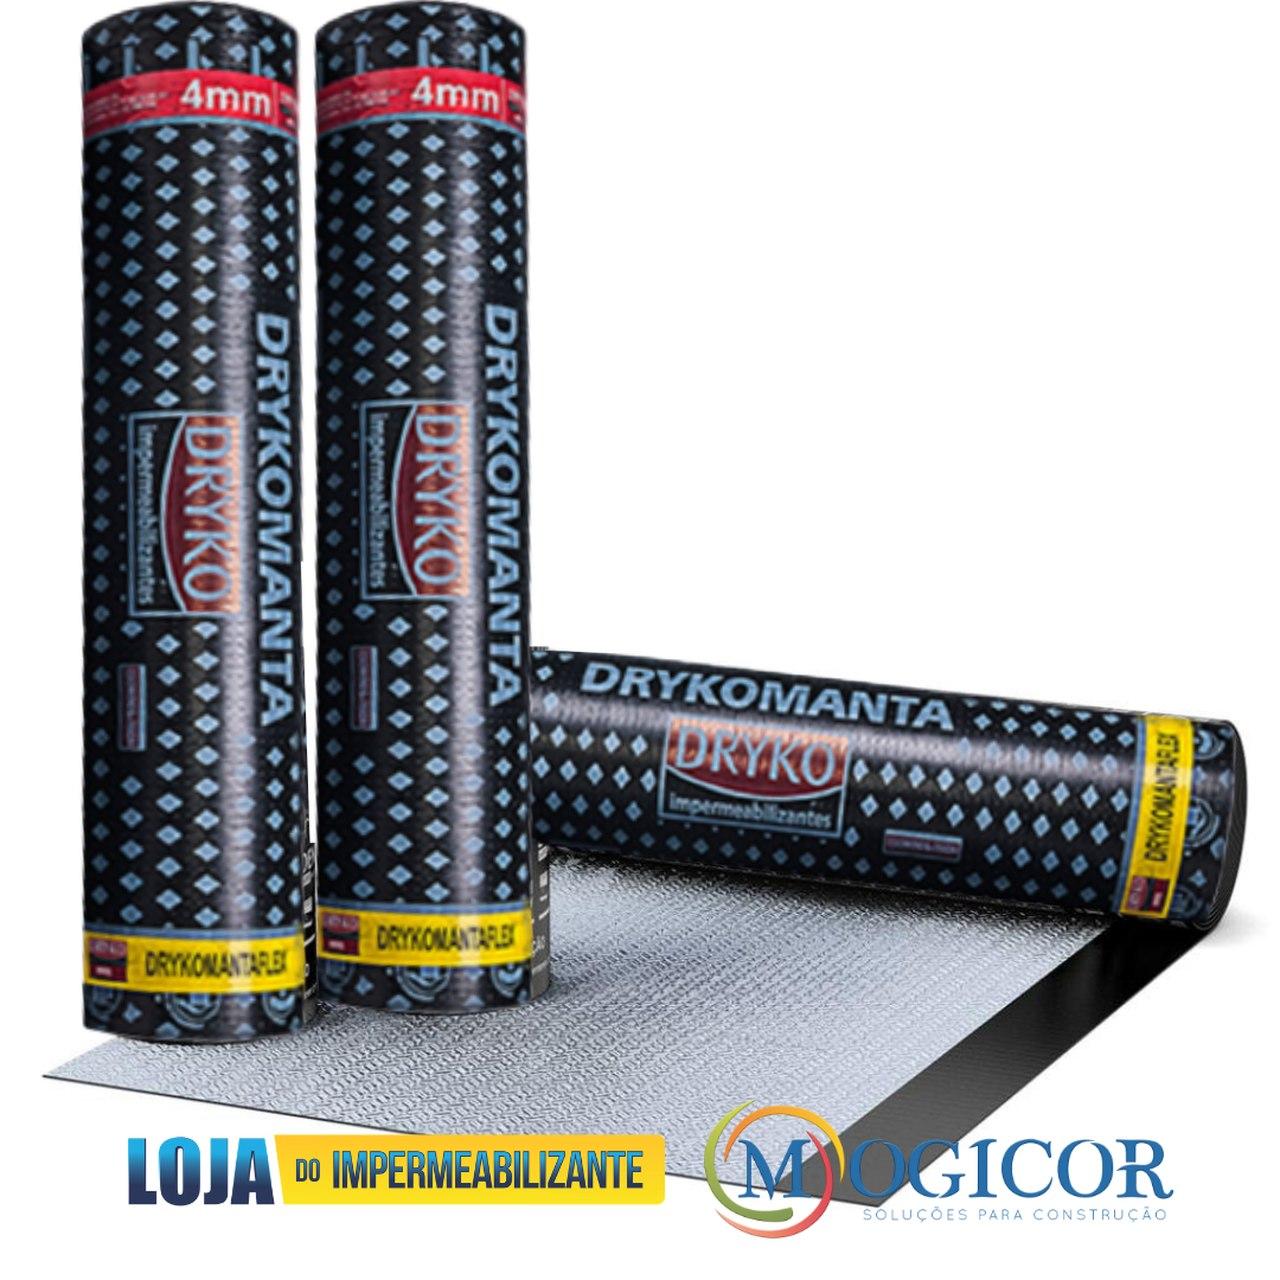 Manta Asfáltica Impermeabilizante 4mm x 10m p/ Lajes, Terraços, Banheiros, Calhas DRYKOMANTA FLEX